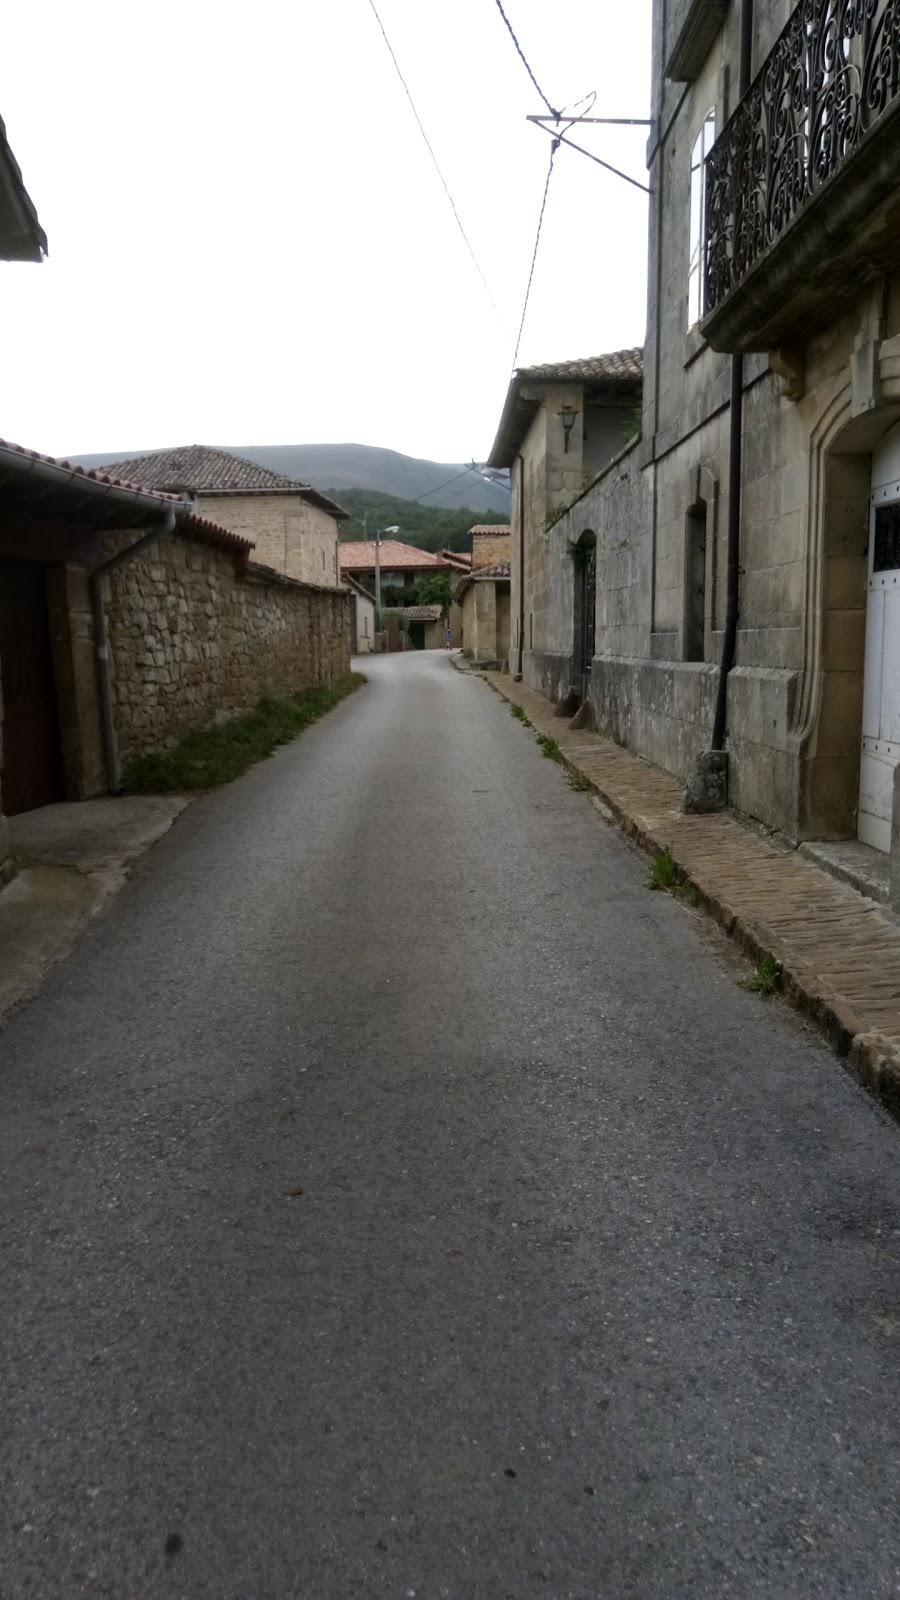 Quisicedo